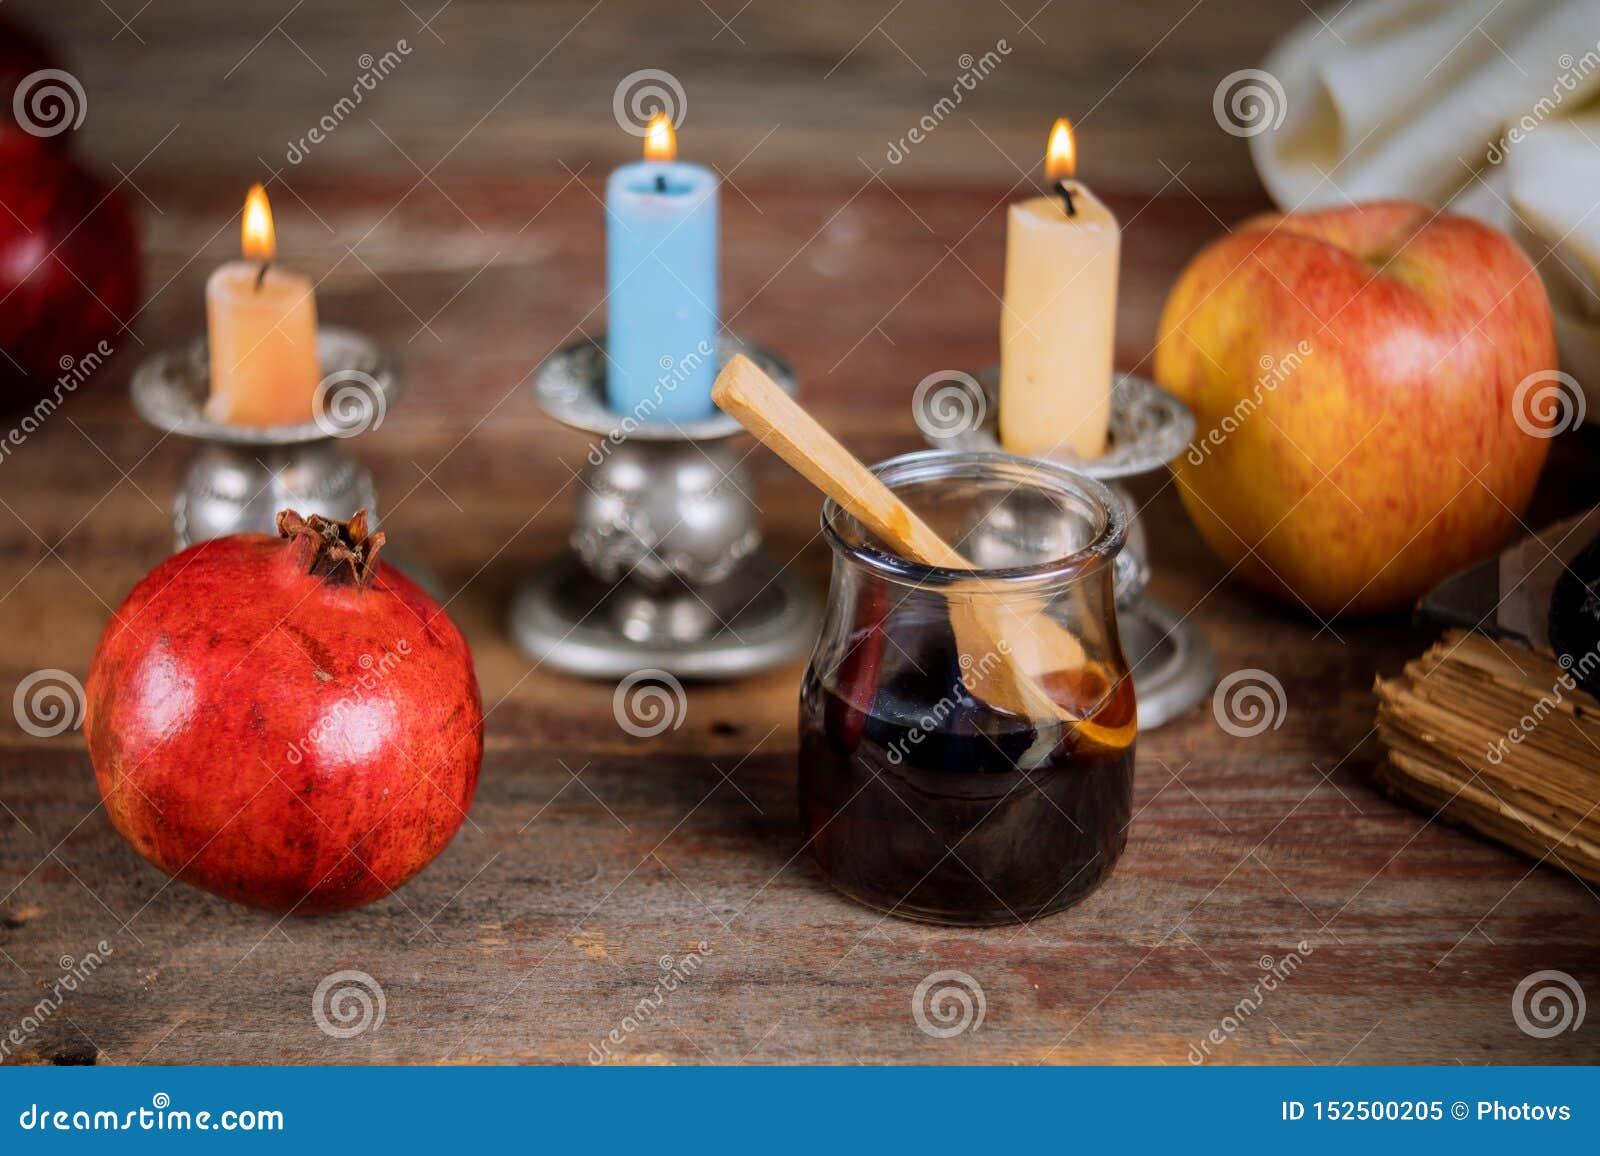 Apple, Granatapfel und Honig jüdischen torah neues Jahr Rosh Hashana Buches, kippah yamolka talit